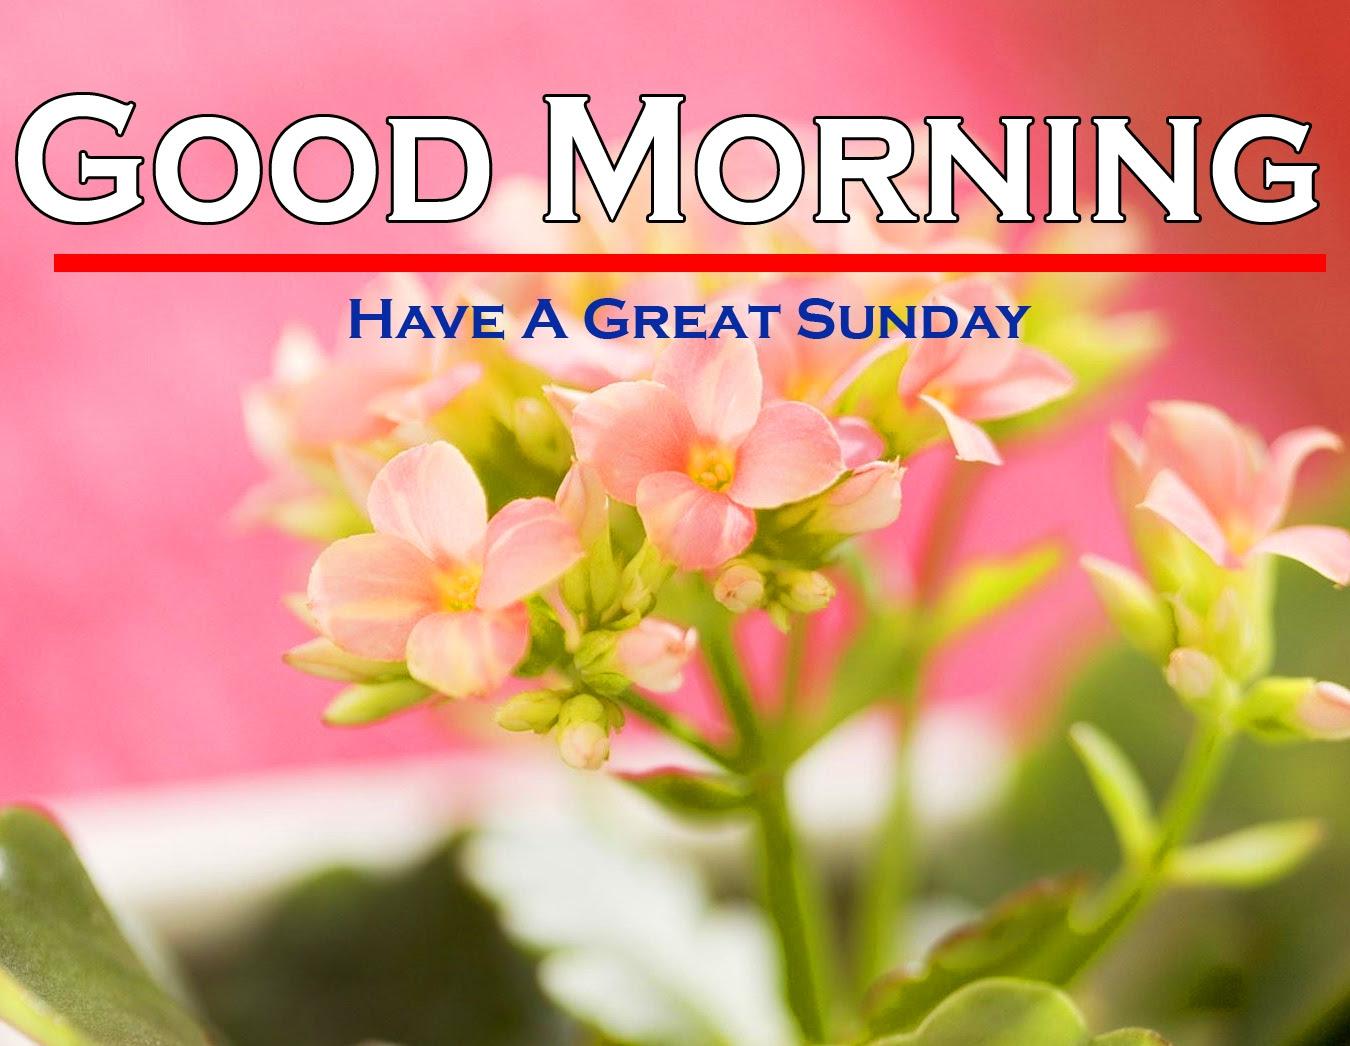 Sunday Good Morning Images 10 1